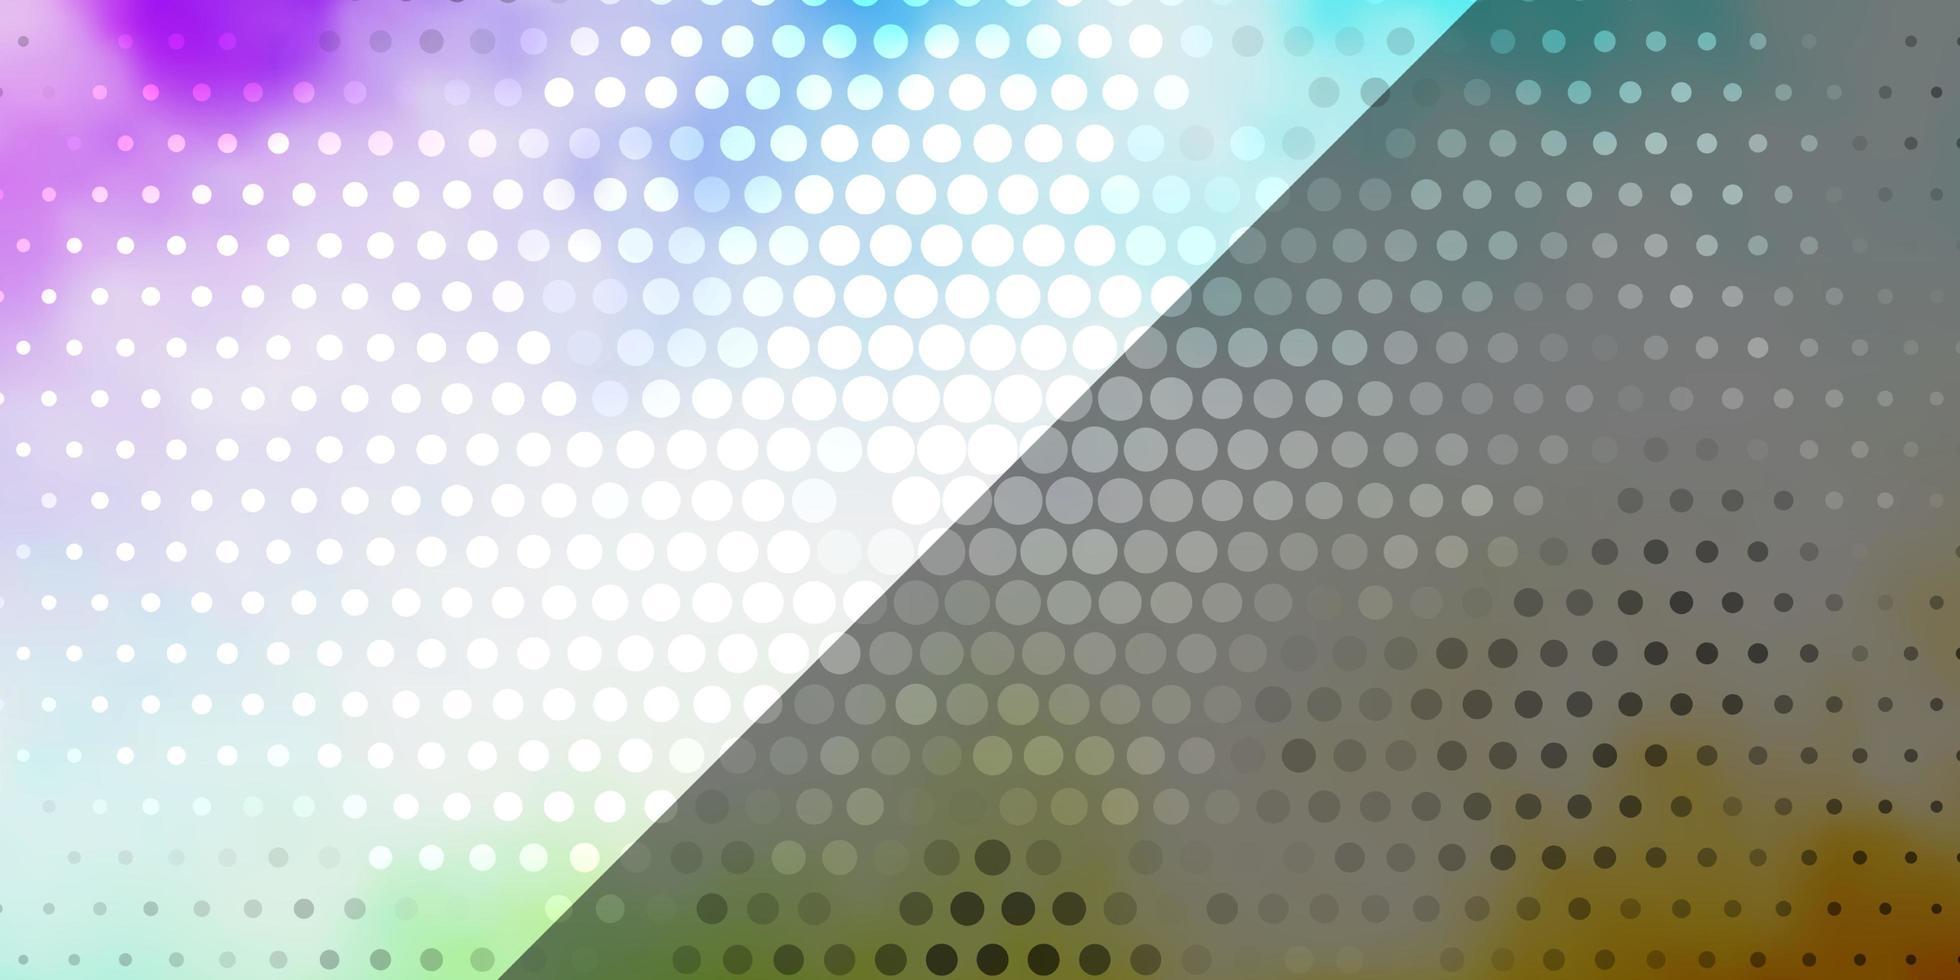 heller mehrfarbiger Vektorhintergrund mit Kreisen. vektor